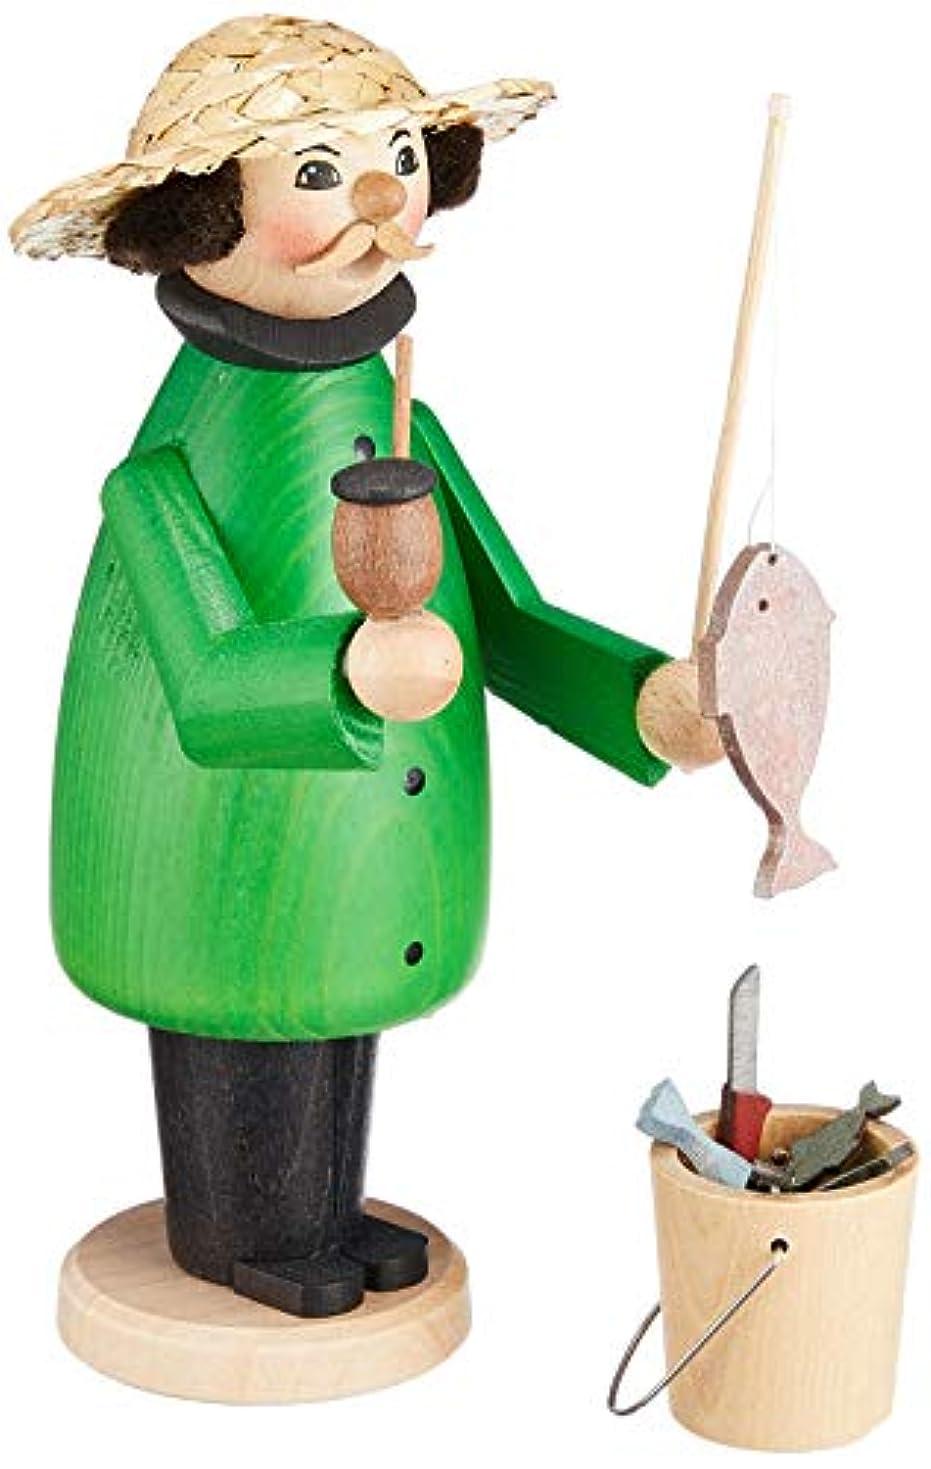 ゼロオレンジ落胆させるkuhnert ミニパイプ人形香炉 釣り人